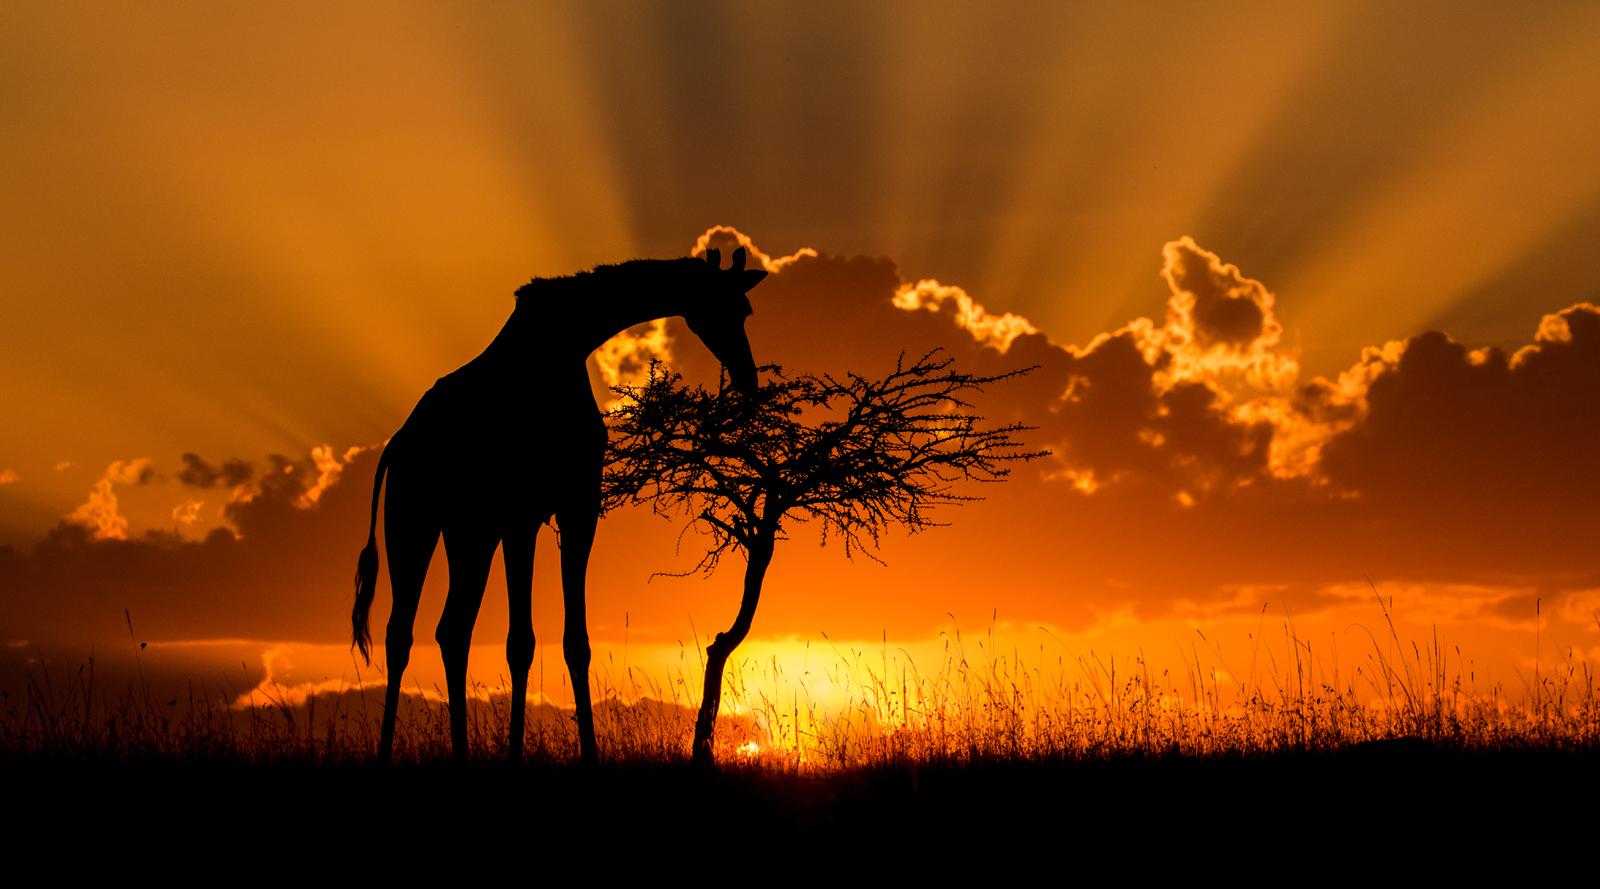 Giraffe Feeding at Sunset